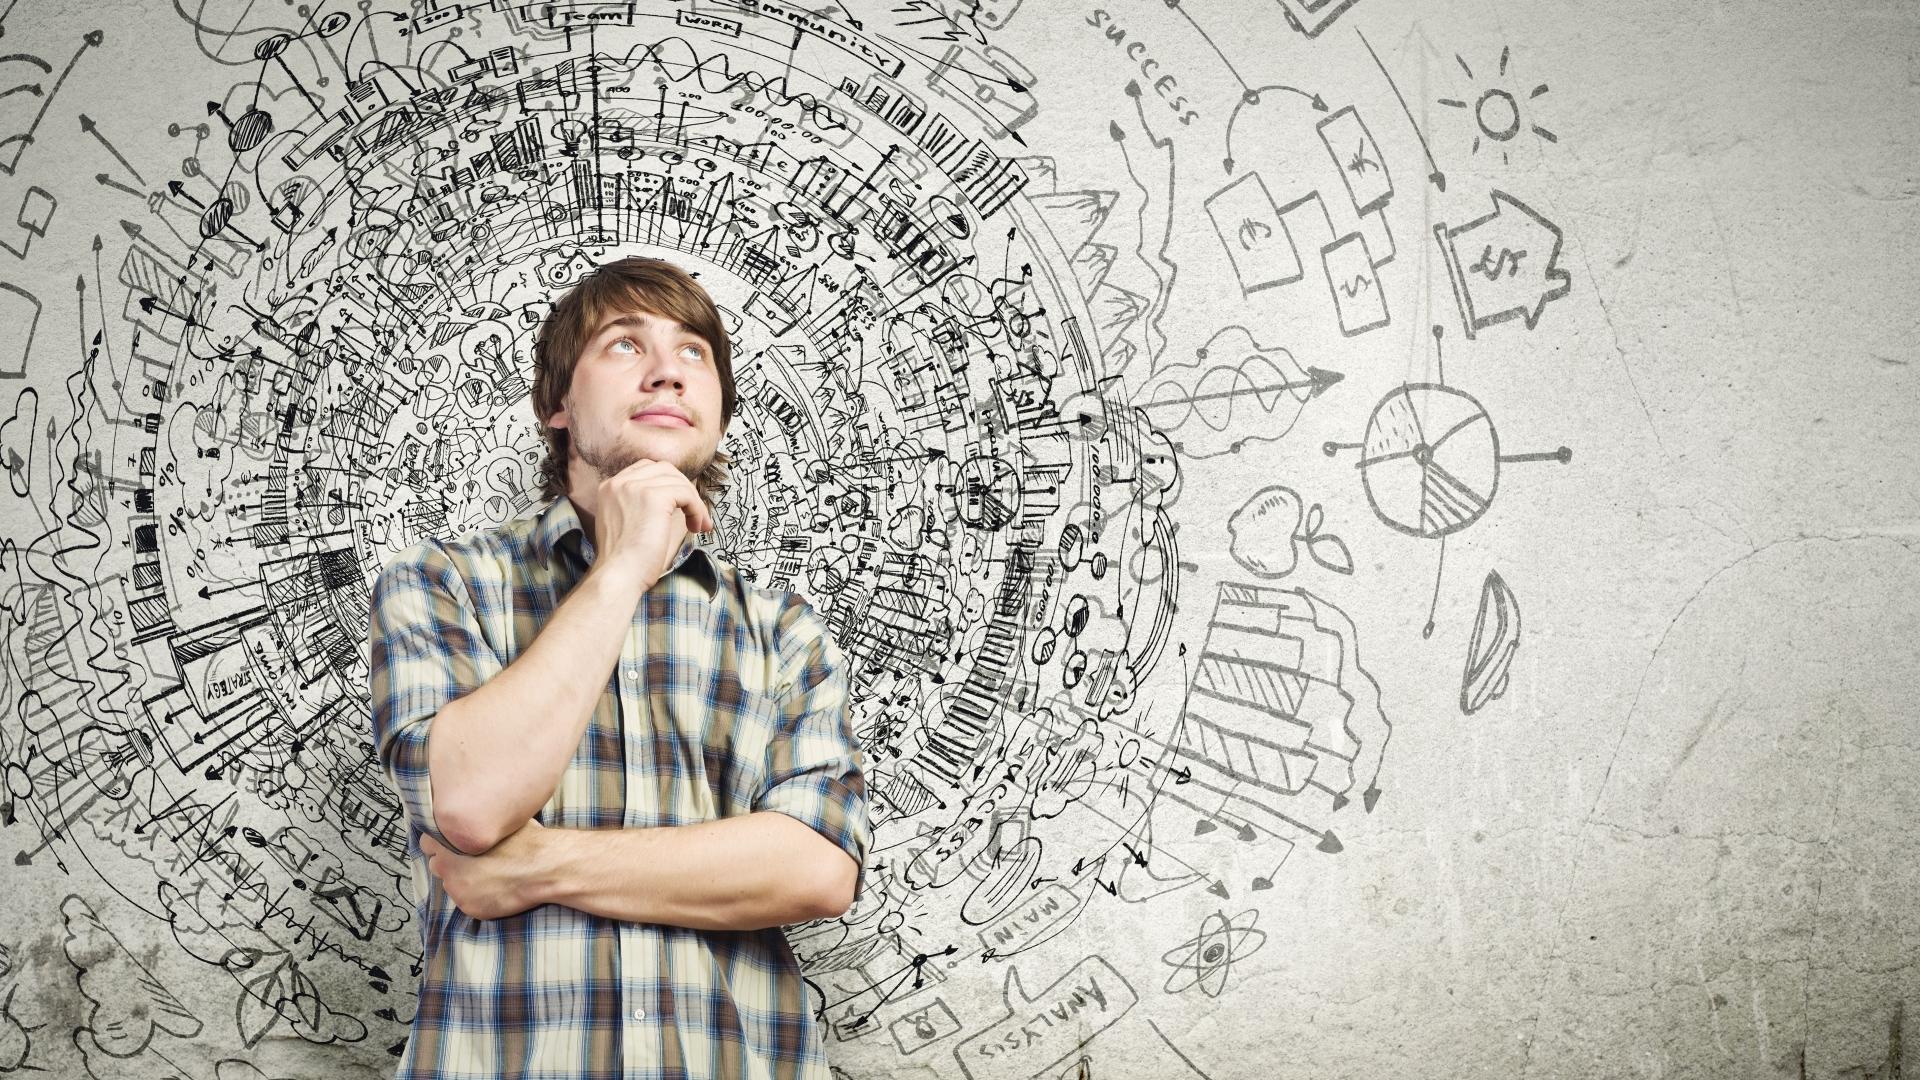 Нейробиология поясняет: все ли находится в ваших мыслях?